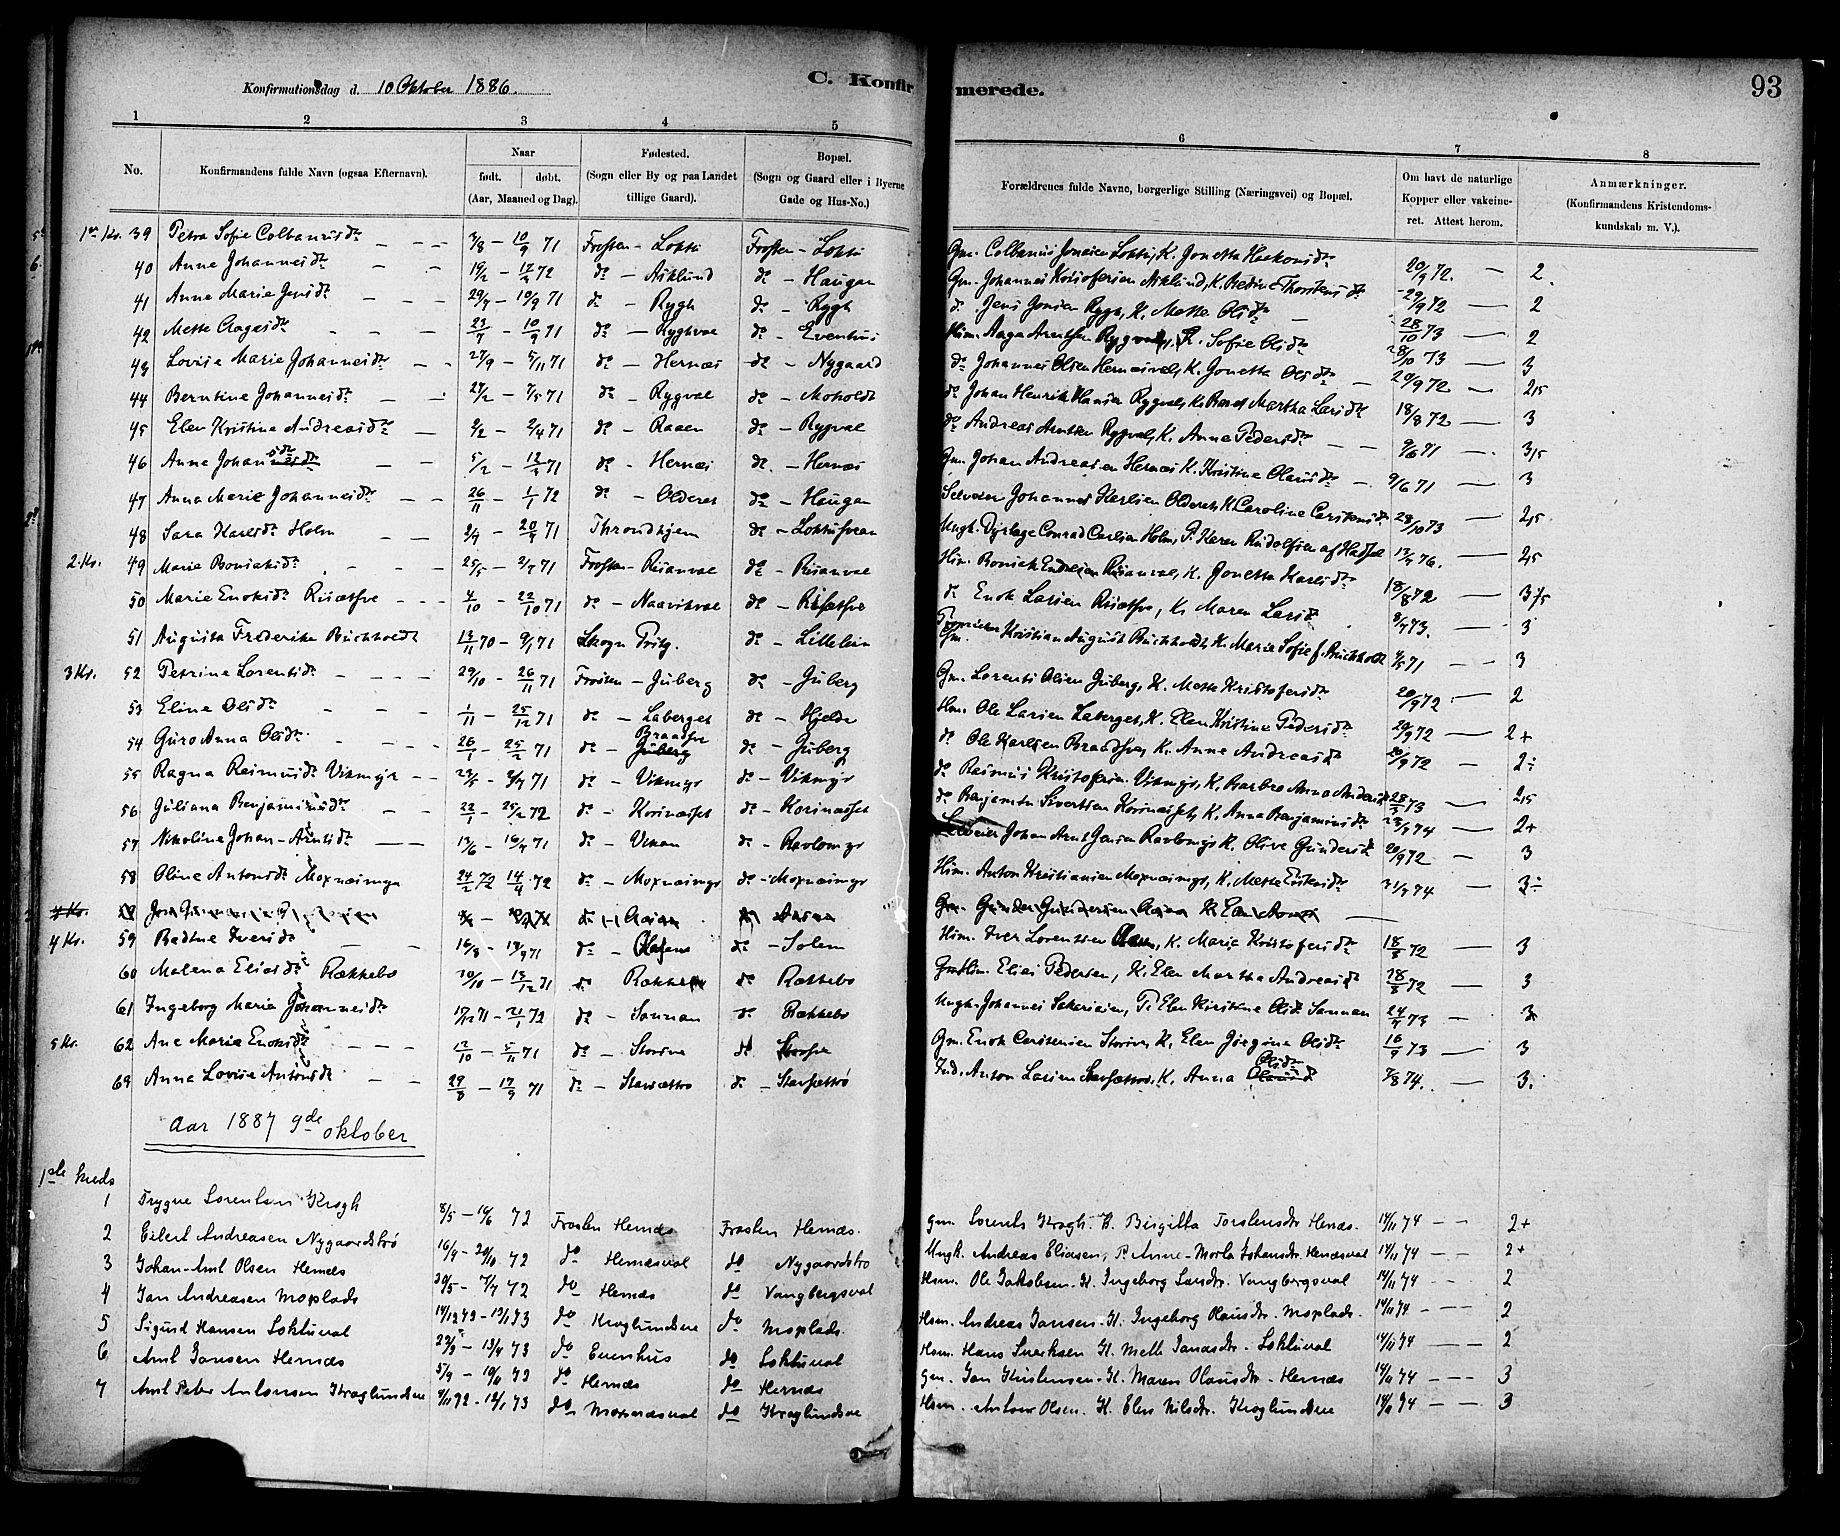 SAT, Ministerialprotokoller, klokkerbøker og fødselsregistre - Nord-Trøndelag, 713/L0120: Ministerialbok nr. 713A09, 1878-1887, s. 93